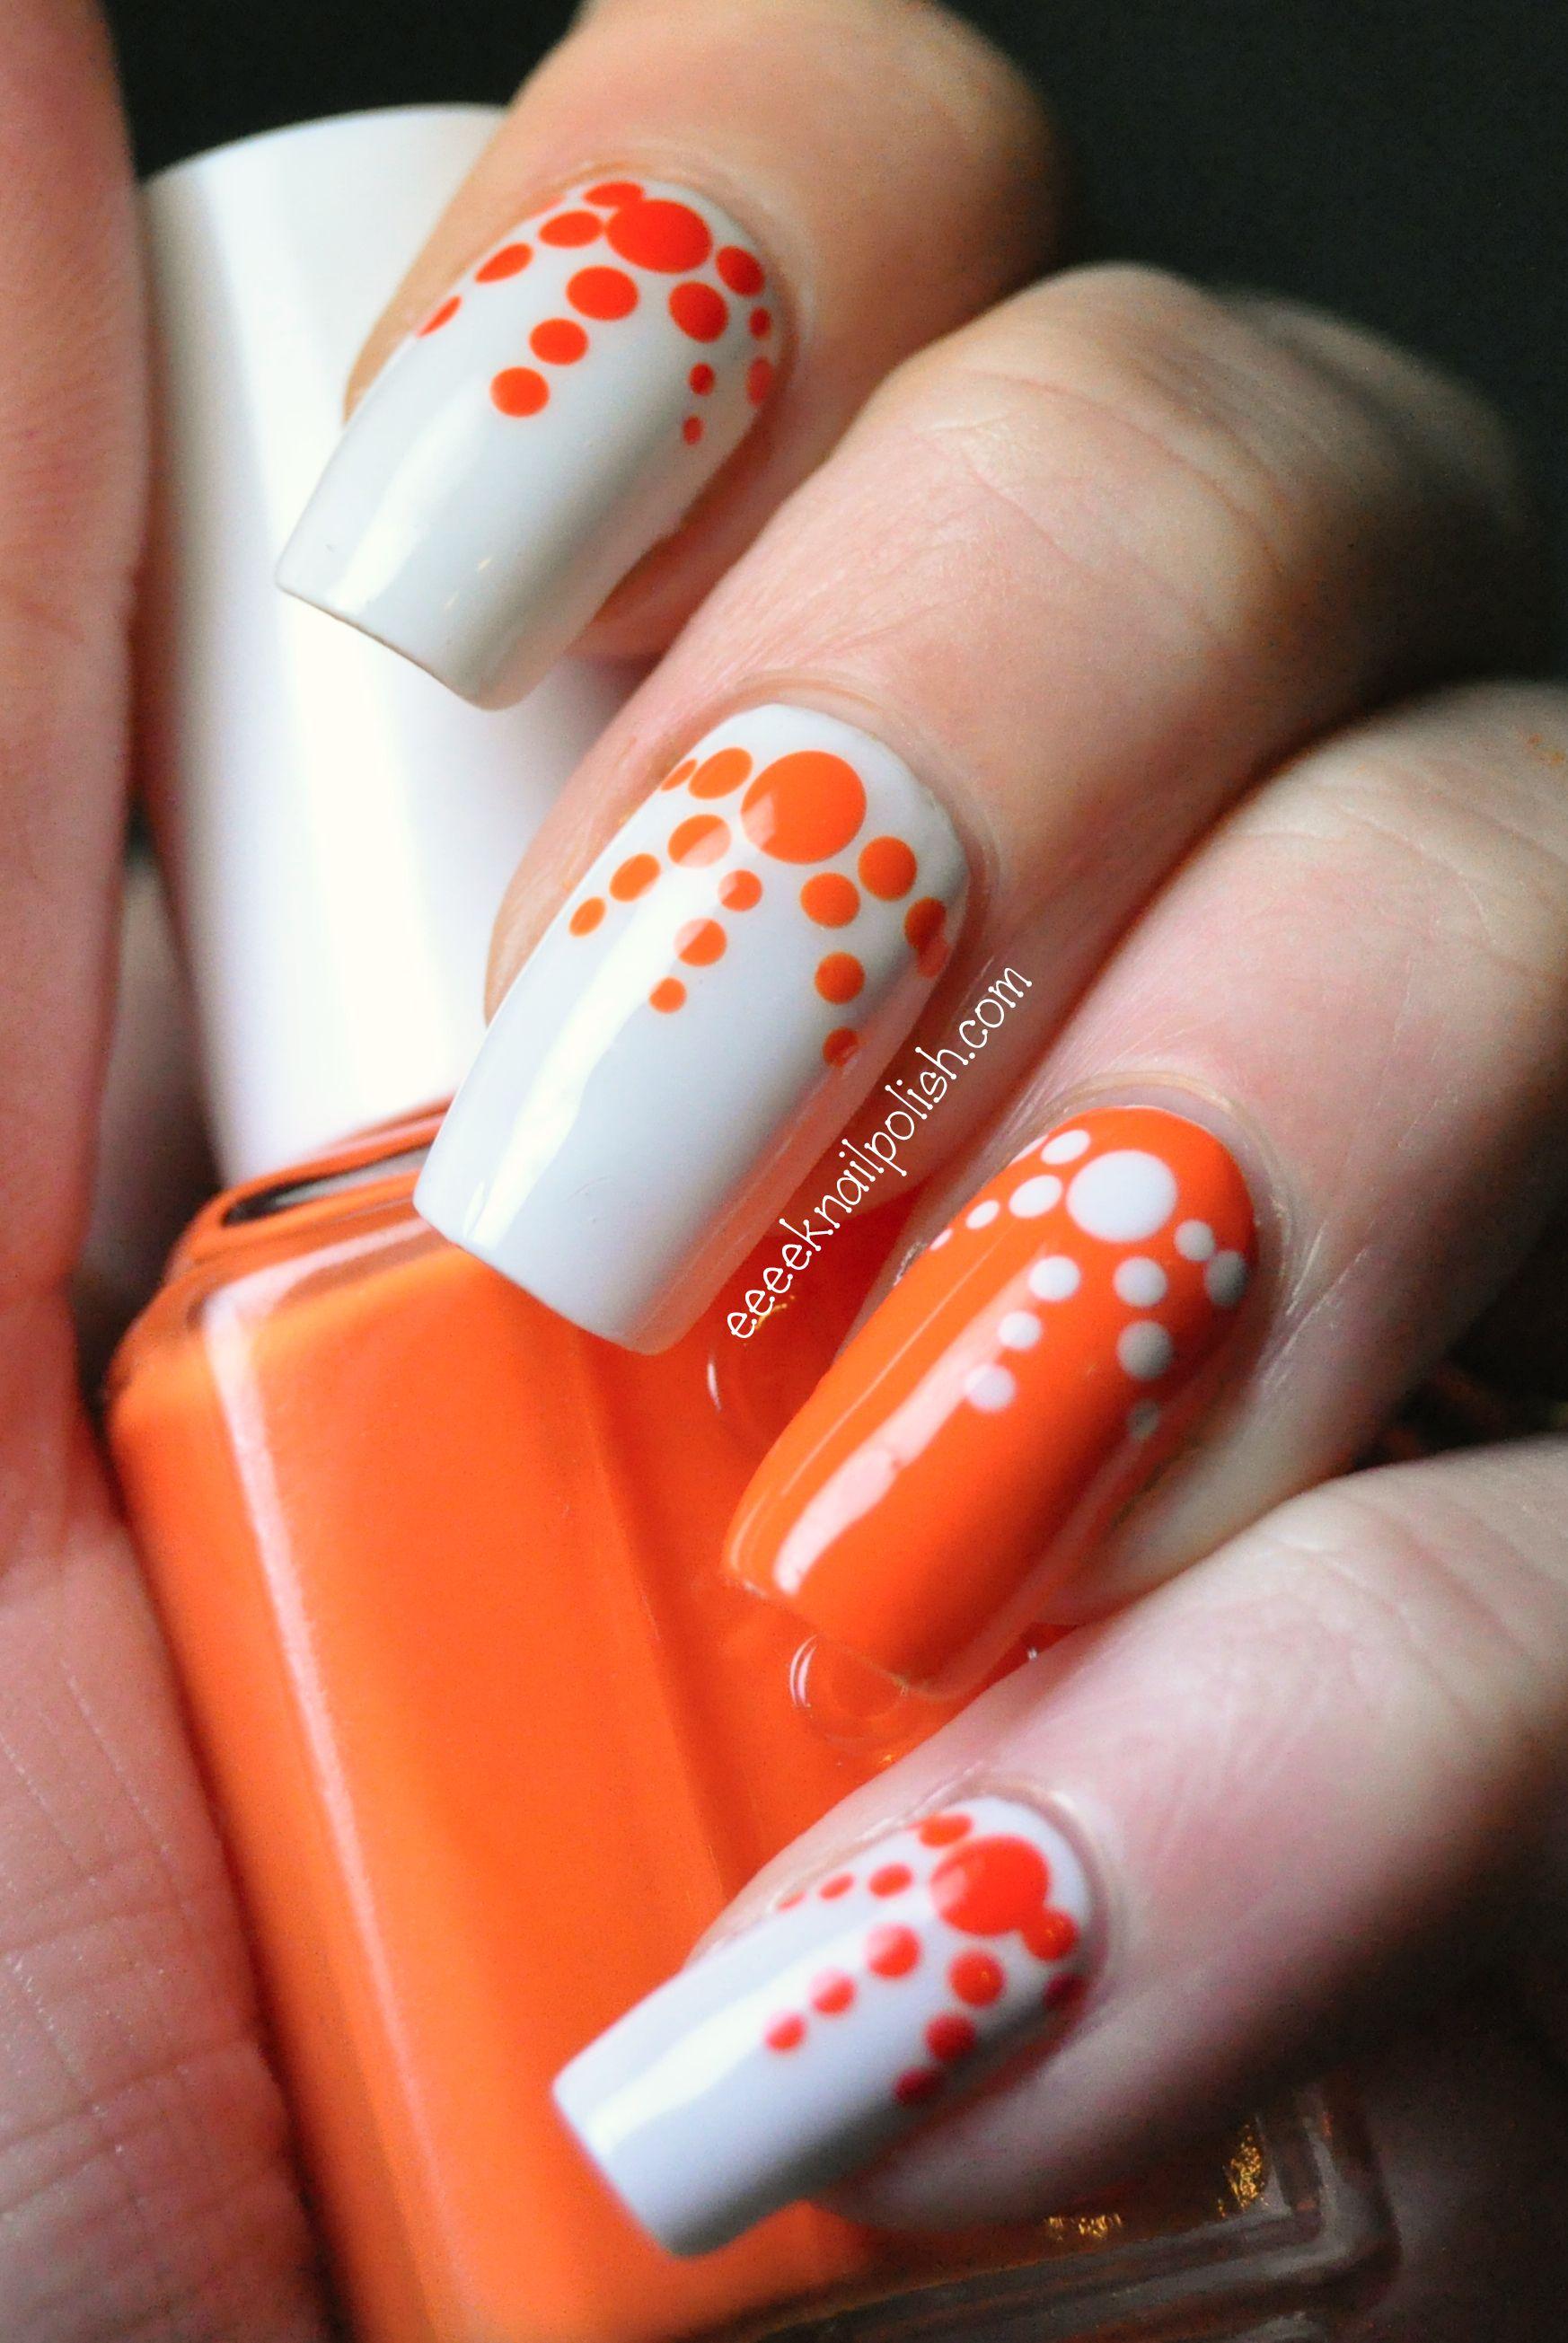 45 spring nails designs and colors ideas 2016 | nail nail